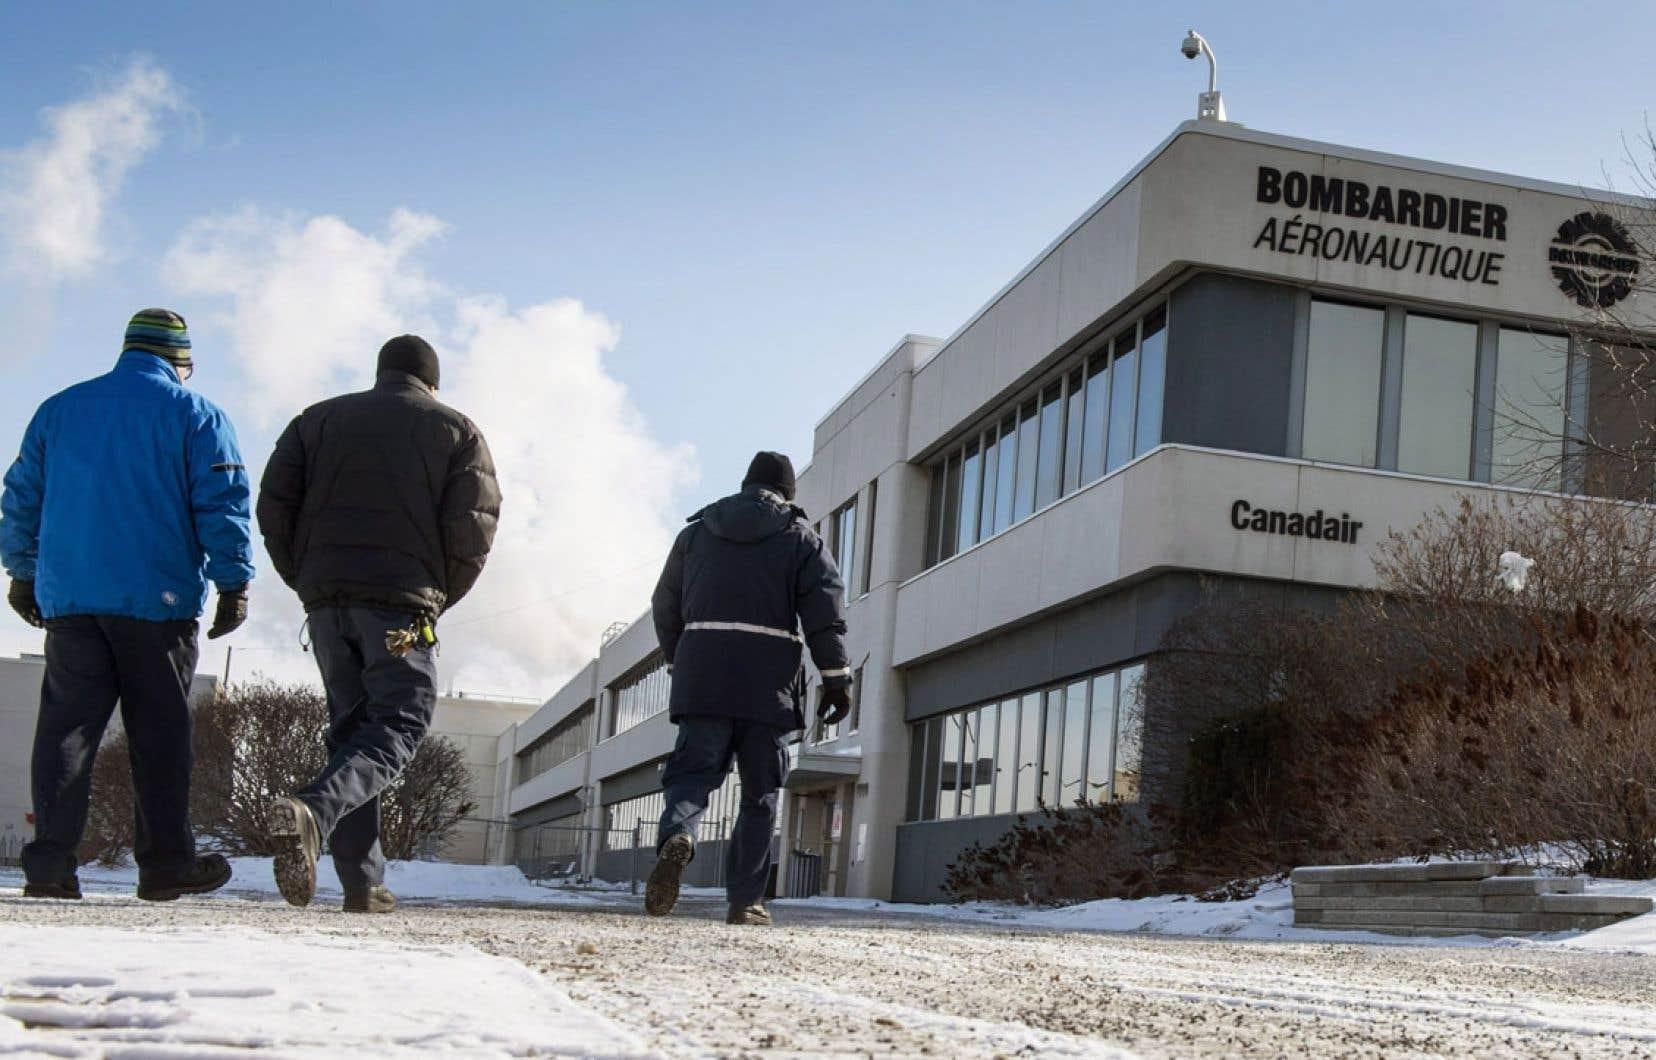 Un employé de Bombardier s'apprête à rentrer au travail. Mardi, l'entreprise a annoncé la suppression de 1700 emplois, la plupart au Québec.